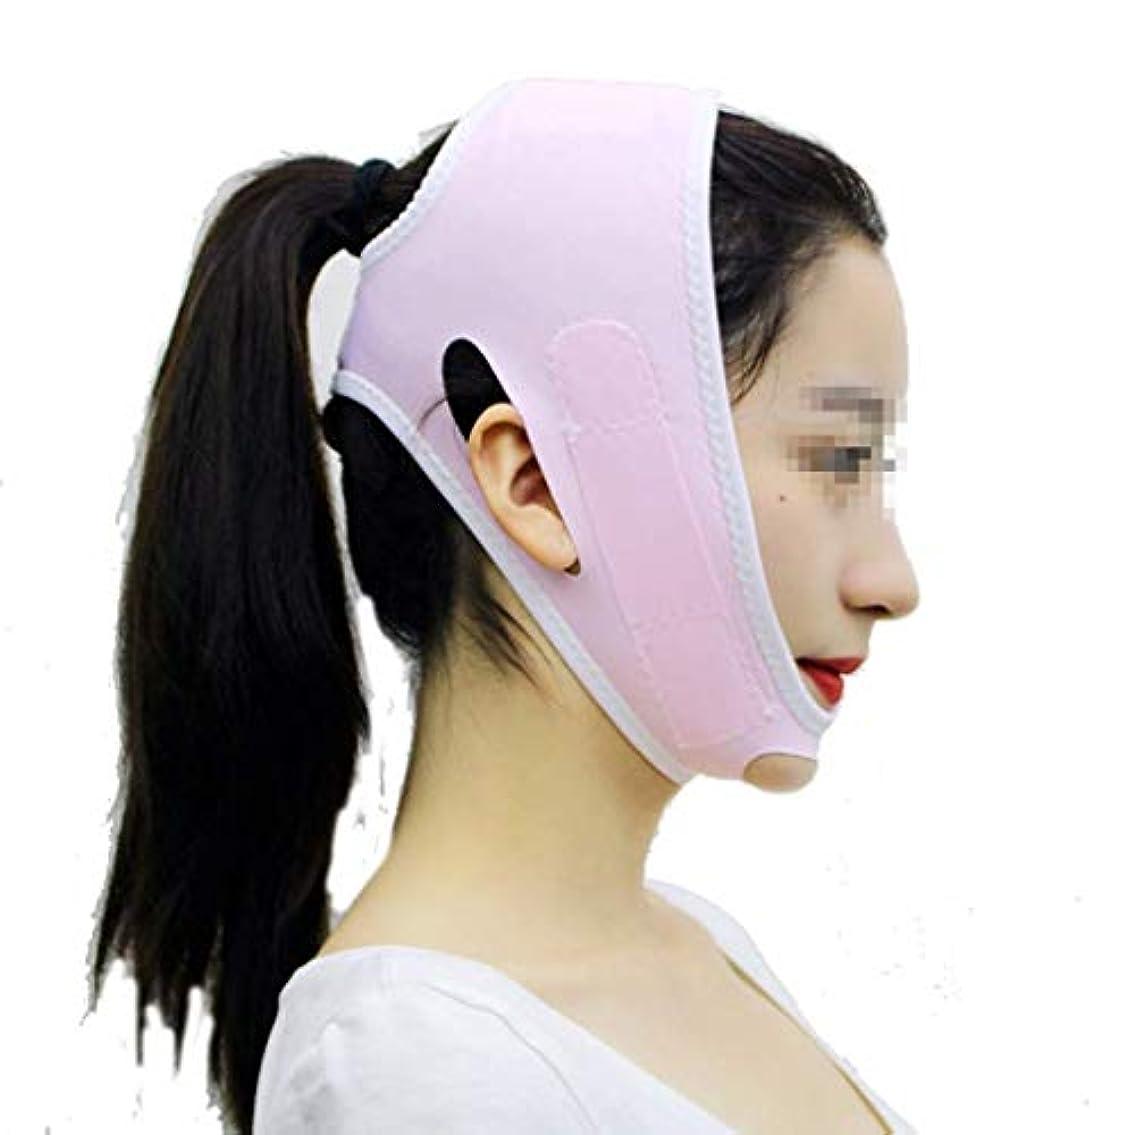 発症資産ベッド美容包帯、Vフェイス睡眠薄いフェイスマスクライン彫刻回復フードリフティング引き締めフェイスダブルチンマスクマルチカラーオプション(カラー:ピンク),ピンク